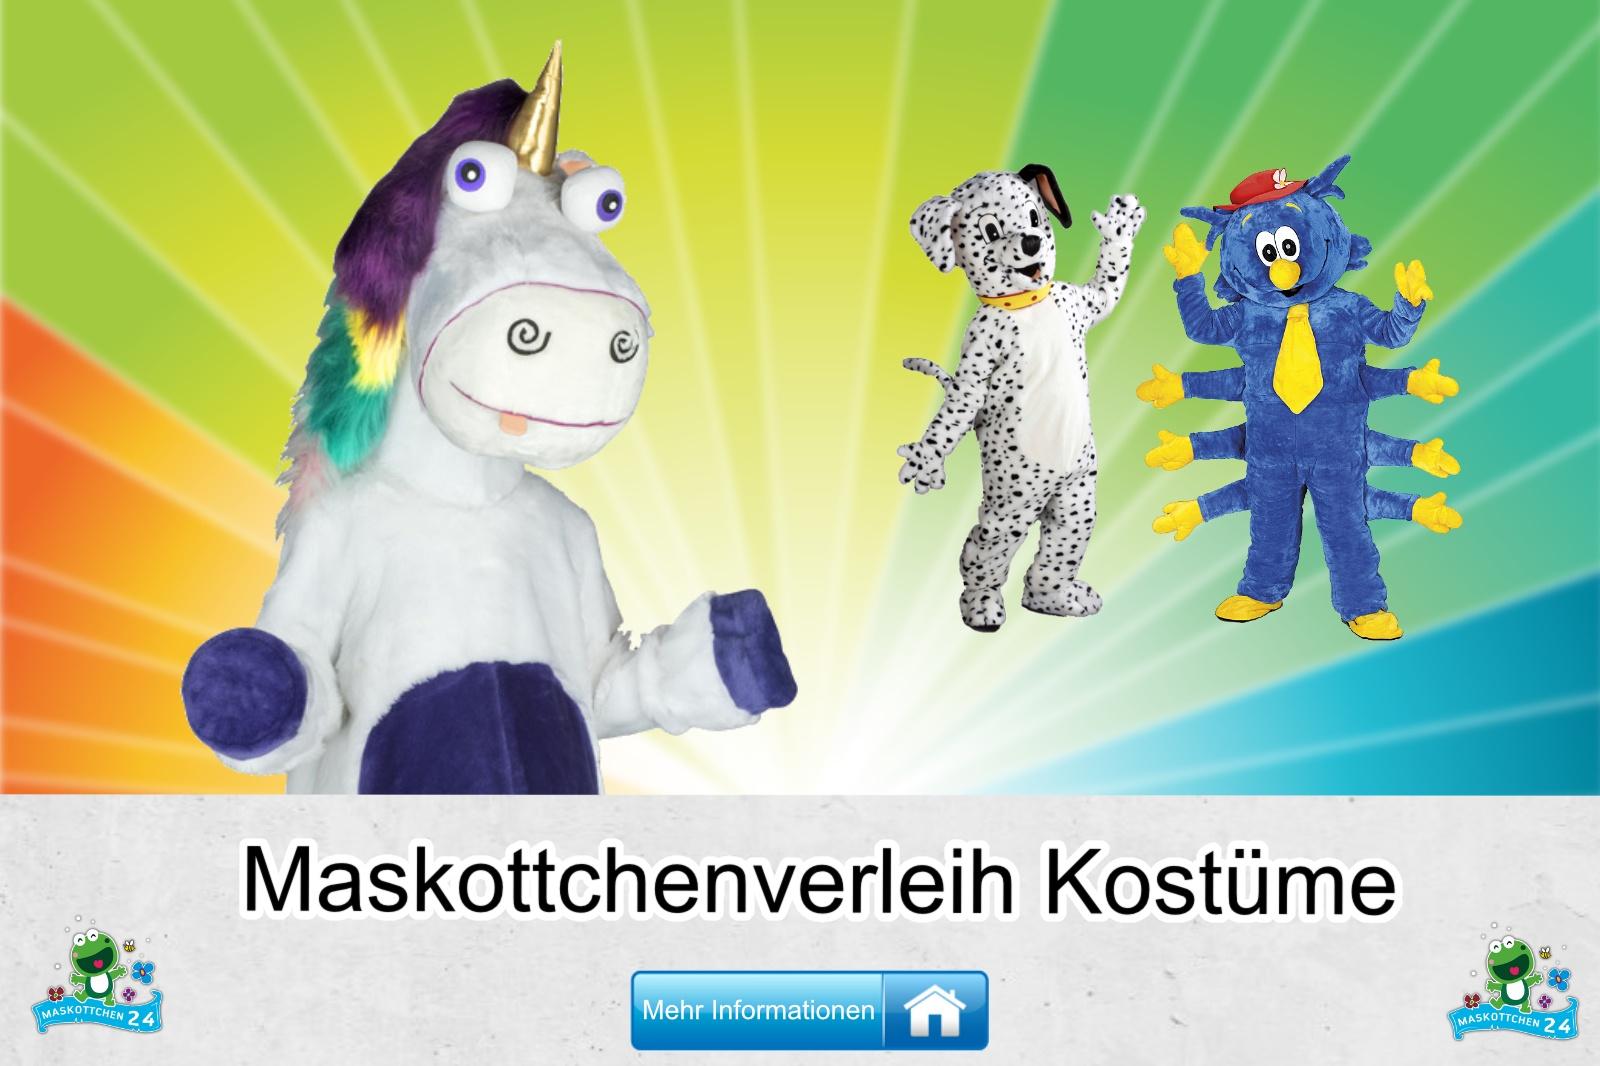 Maskottchenverleih Kostüm Vermietung, günstige Produktion / Herstellung